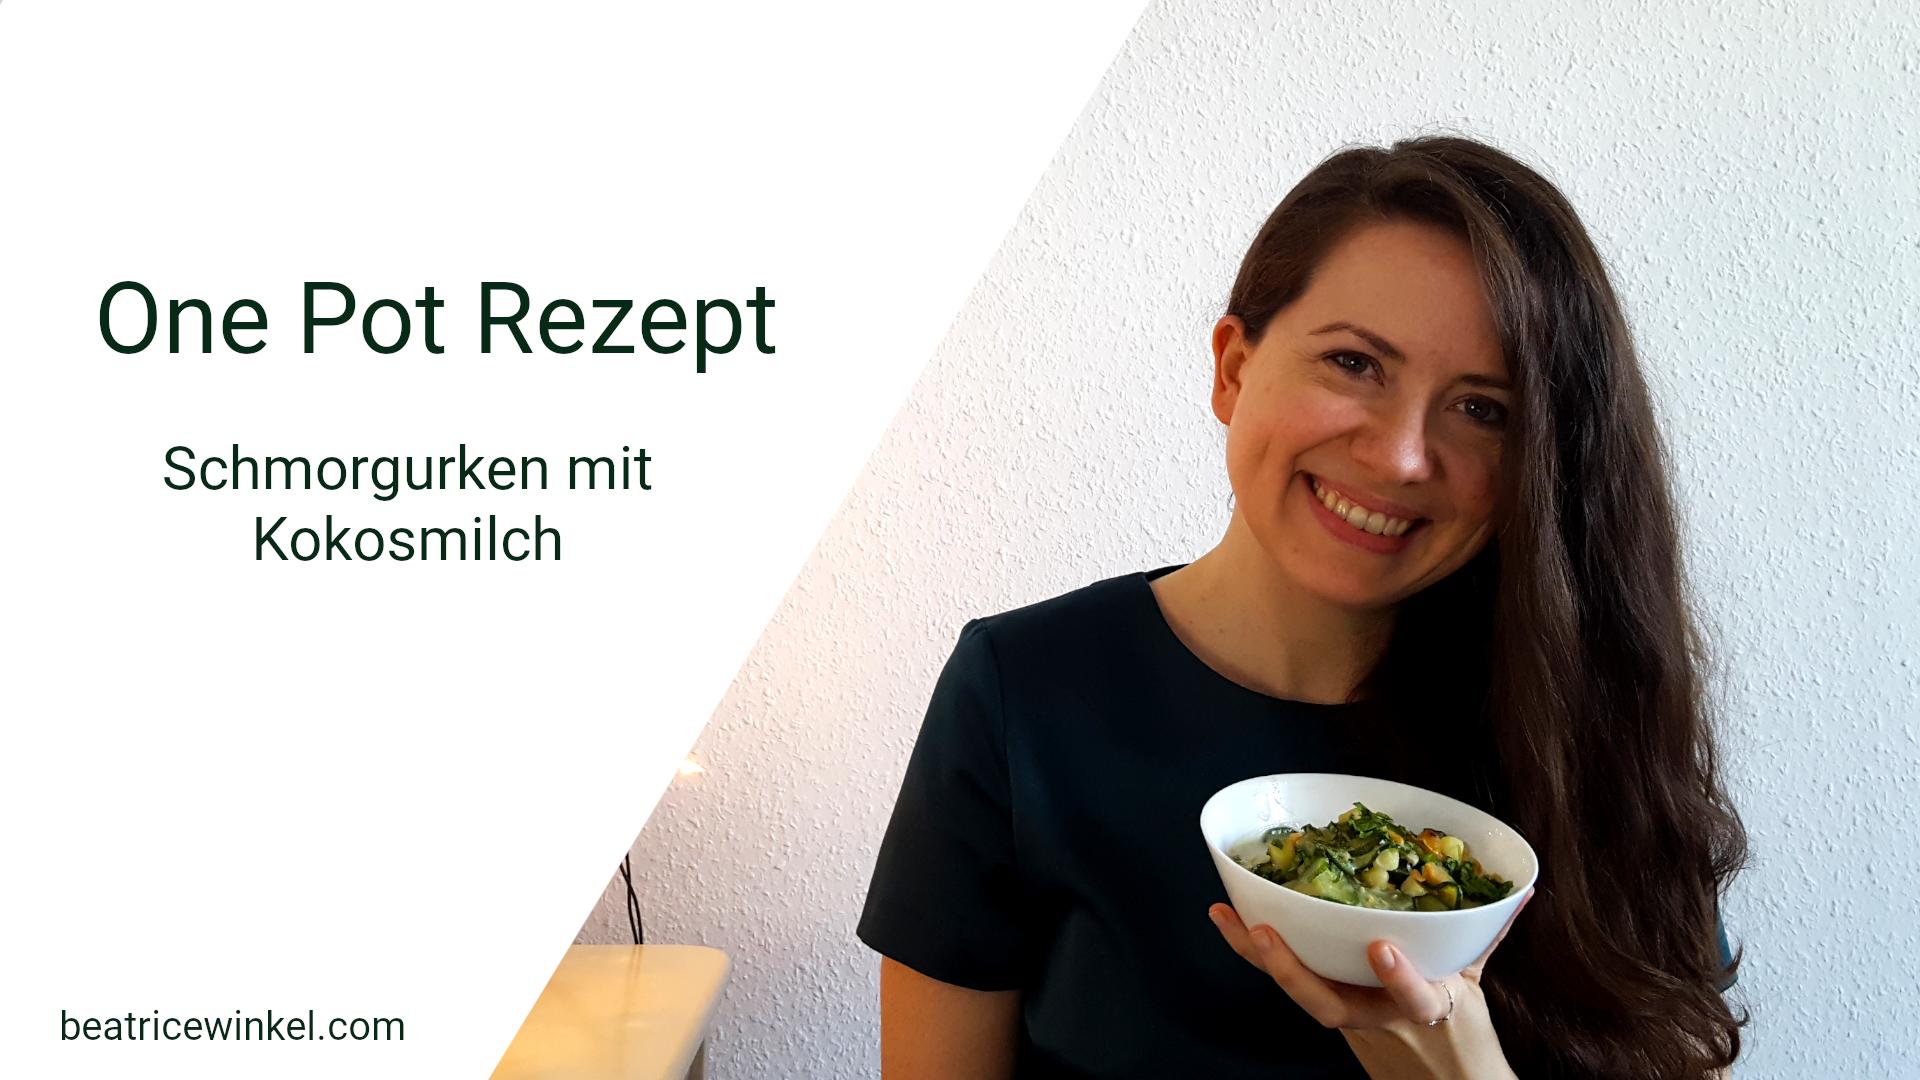 One Pot Rezept | Schmorgurken mit Kokosmilch